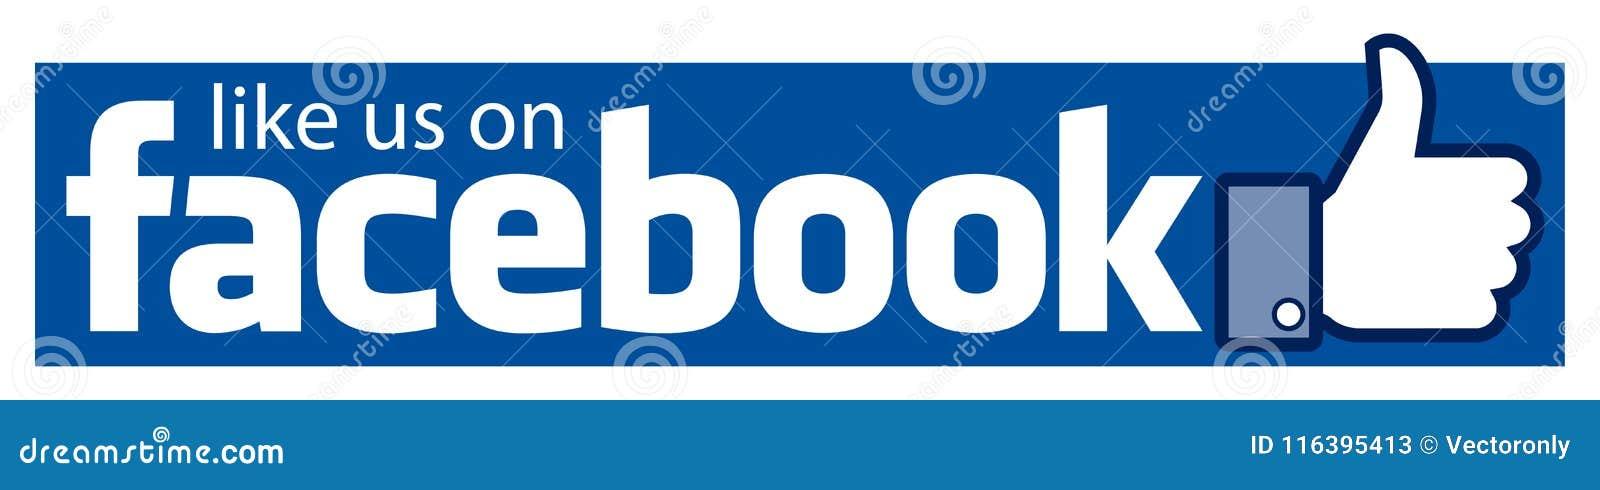 Comme nous sur la bannière de facebook